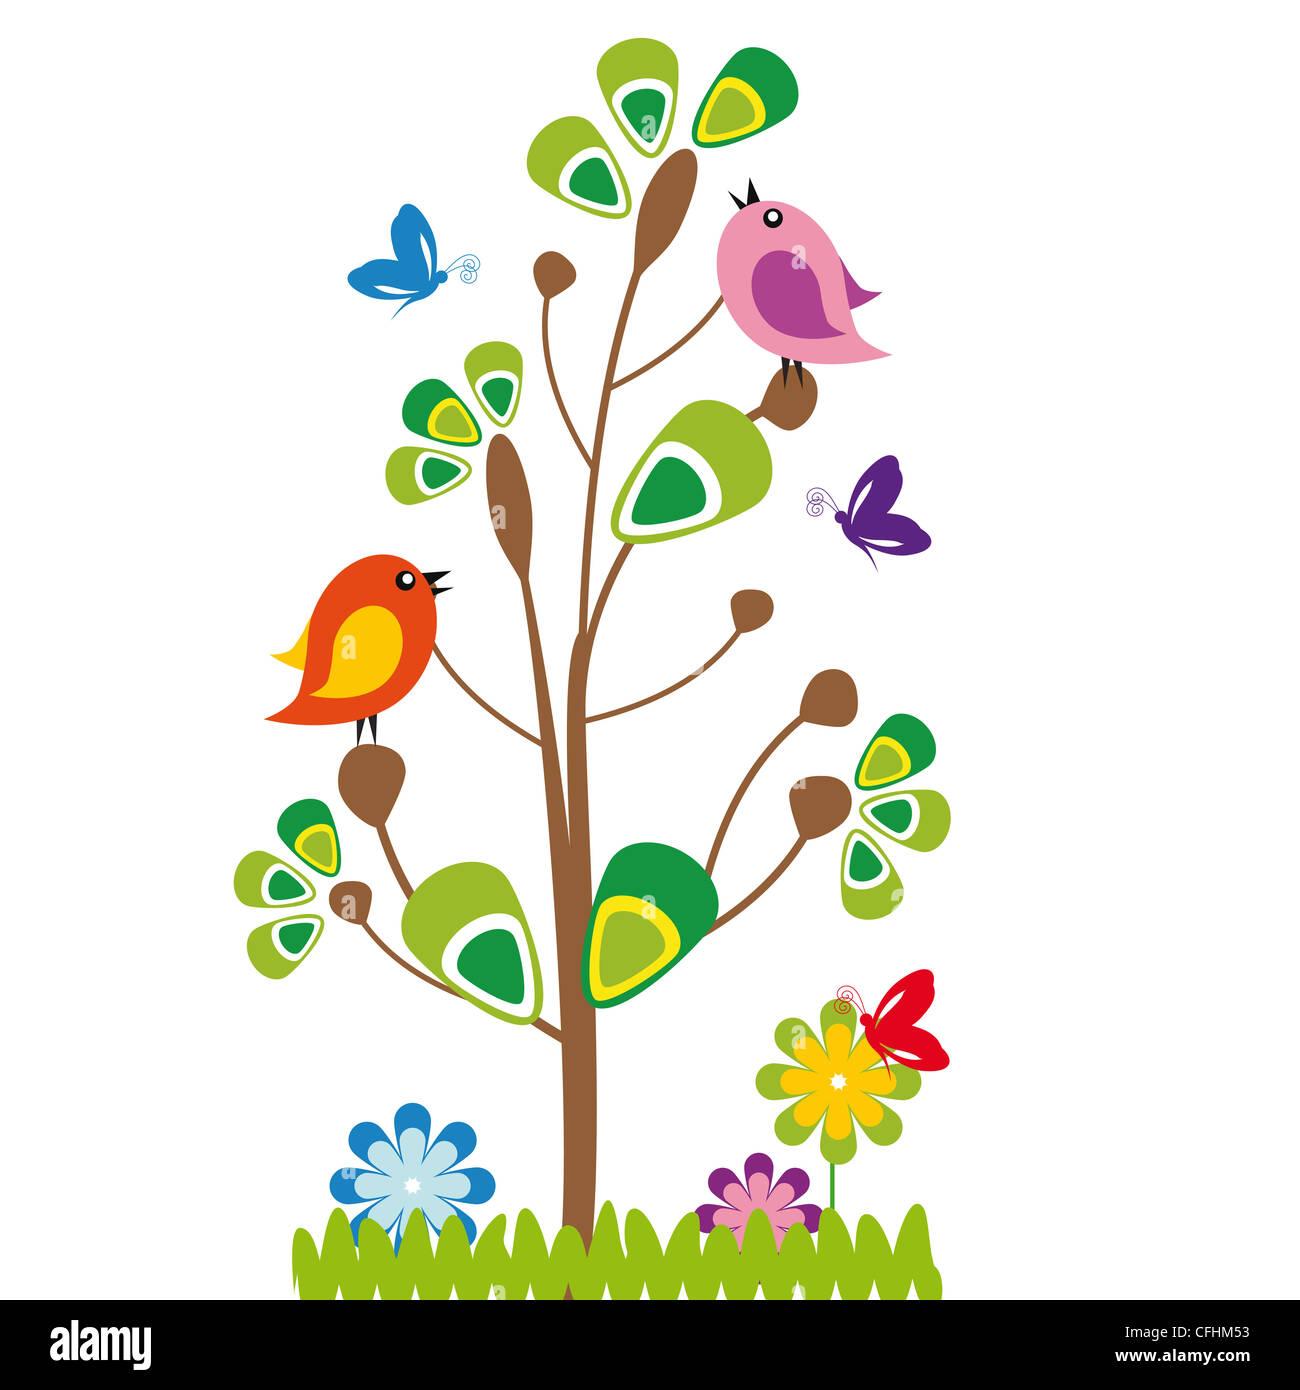 Cute Dibujos Animados Para Niños Con árboles Y Pájaros Foto Imagen